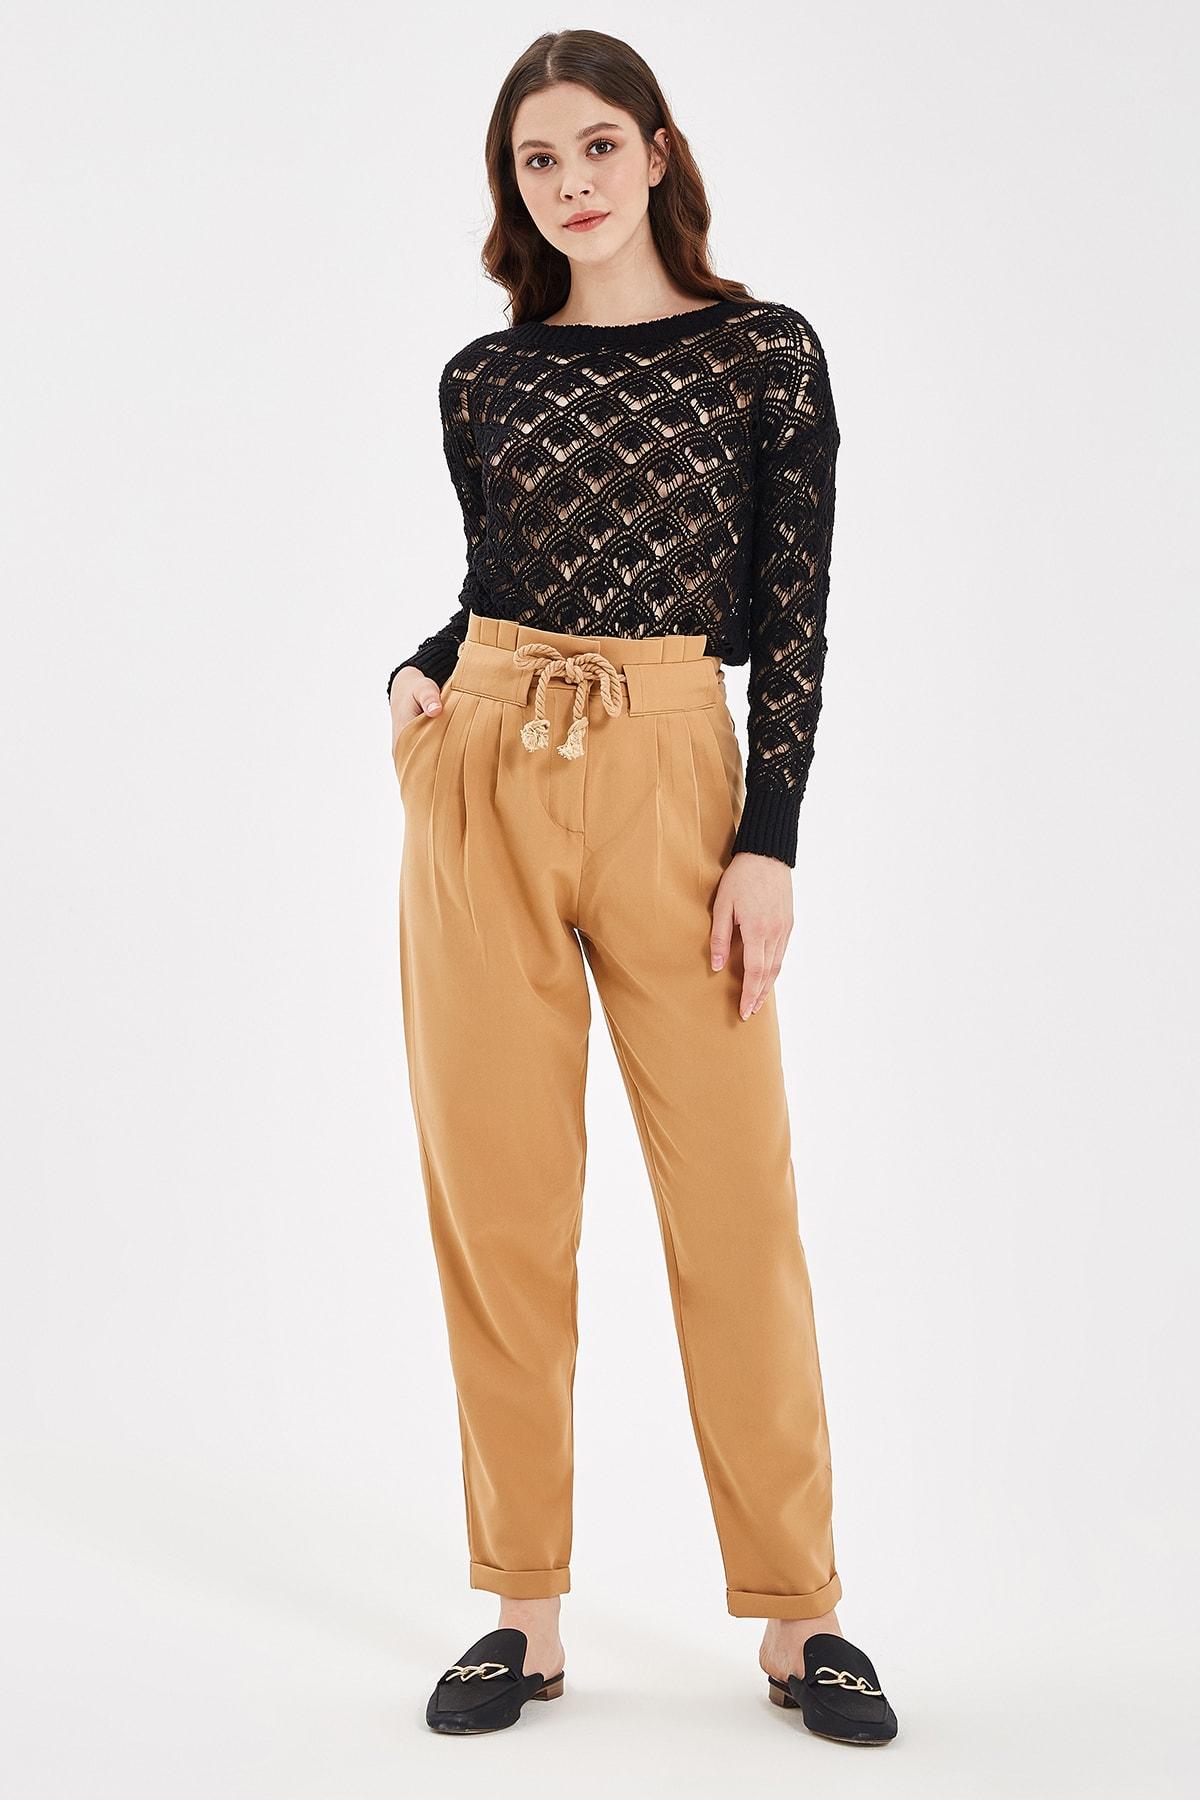 Nisan Triko Bisküvi Bağlama Detaylı Pantolon 1